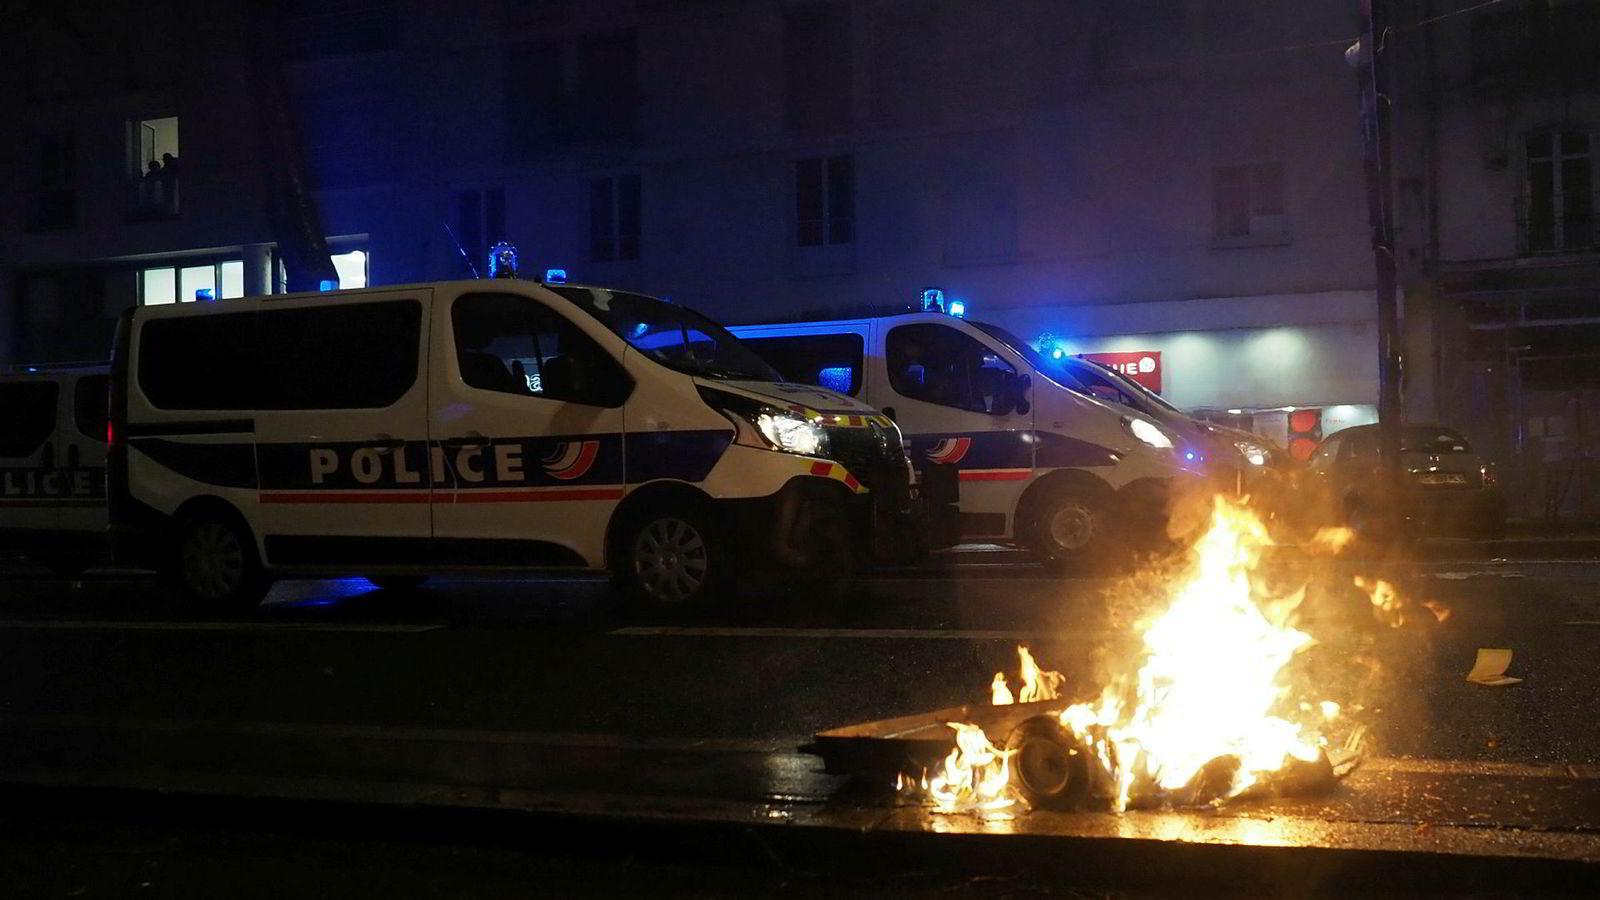 Det var kraftige protester mange steder i Frankrike i helgen. Her fra byen Tours lørdag.e destruction of a week earlier due to heavy security. (Photo by GUILLAUME SOUVANT / AFP)